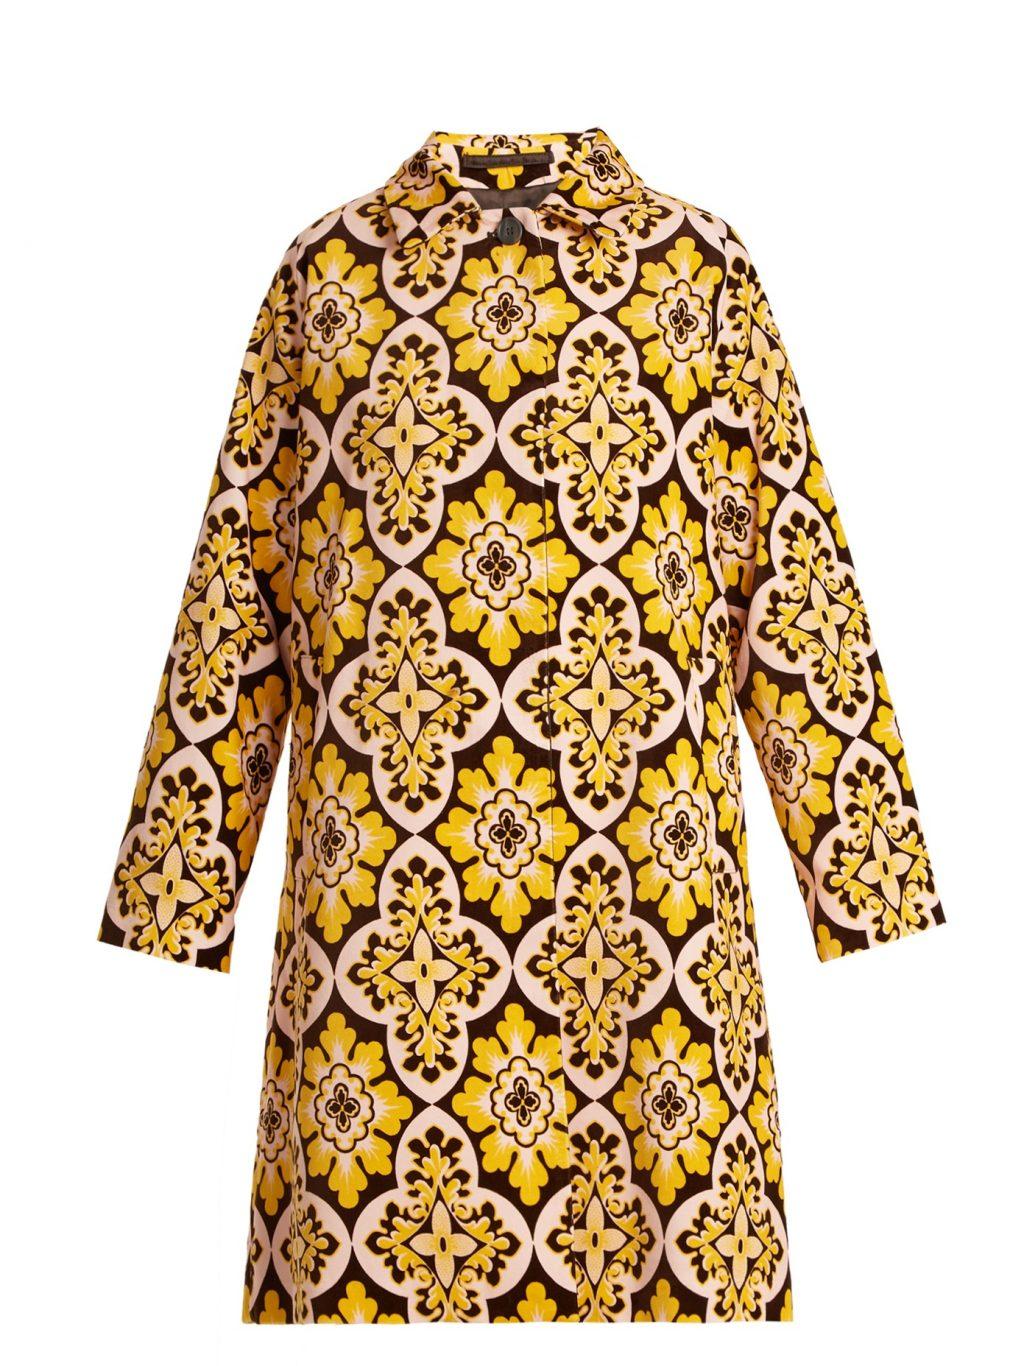 Thời thượng cùng 7 item thời trang sắc vàng mù tạt